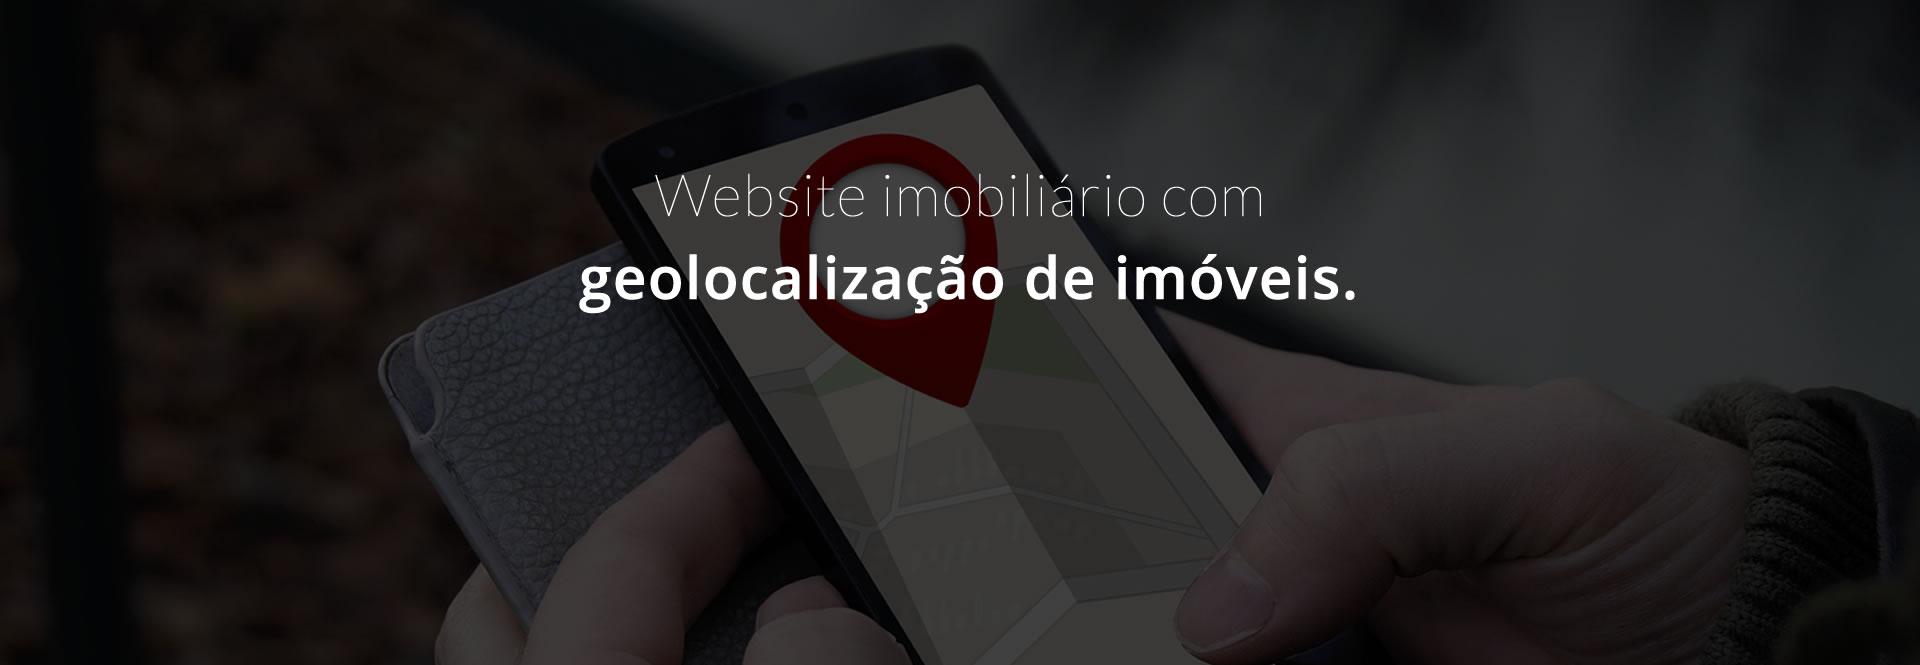 Website imobiliário com geolocalização de imóveis.